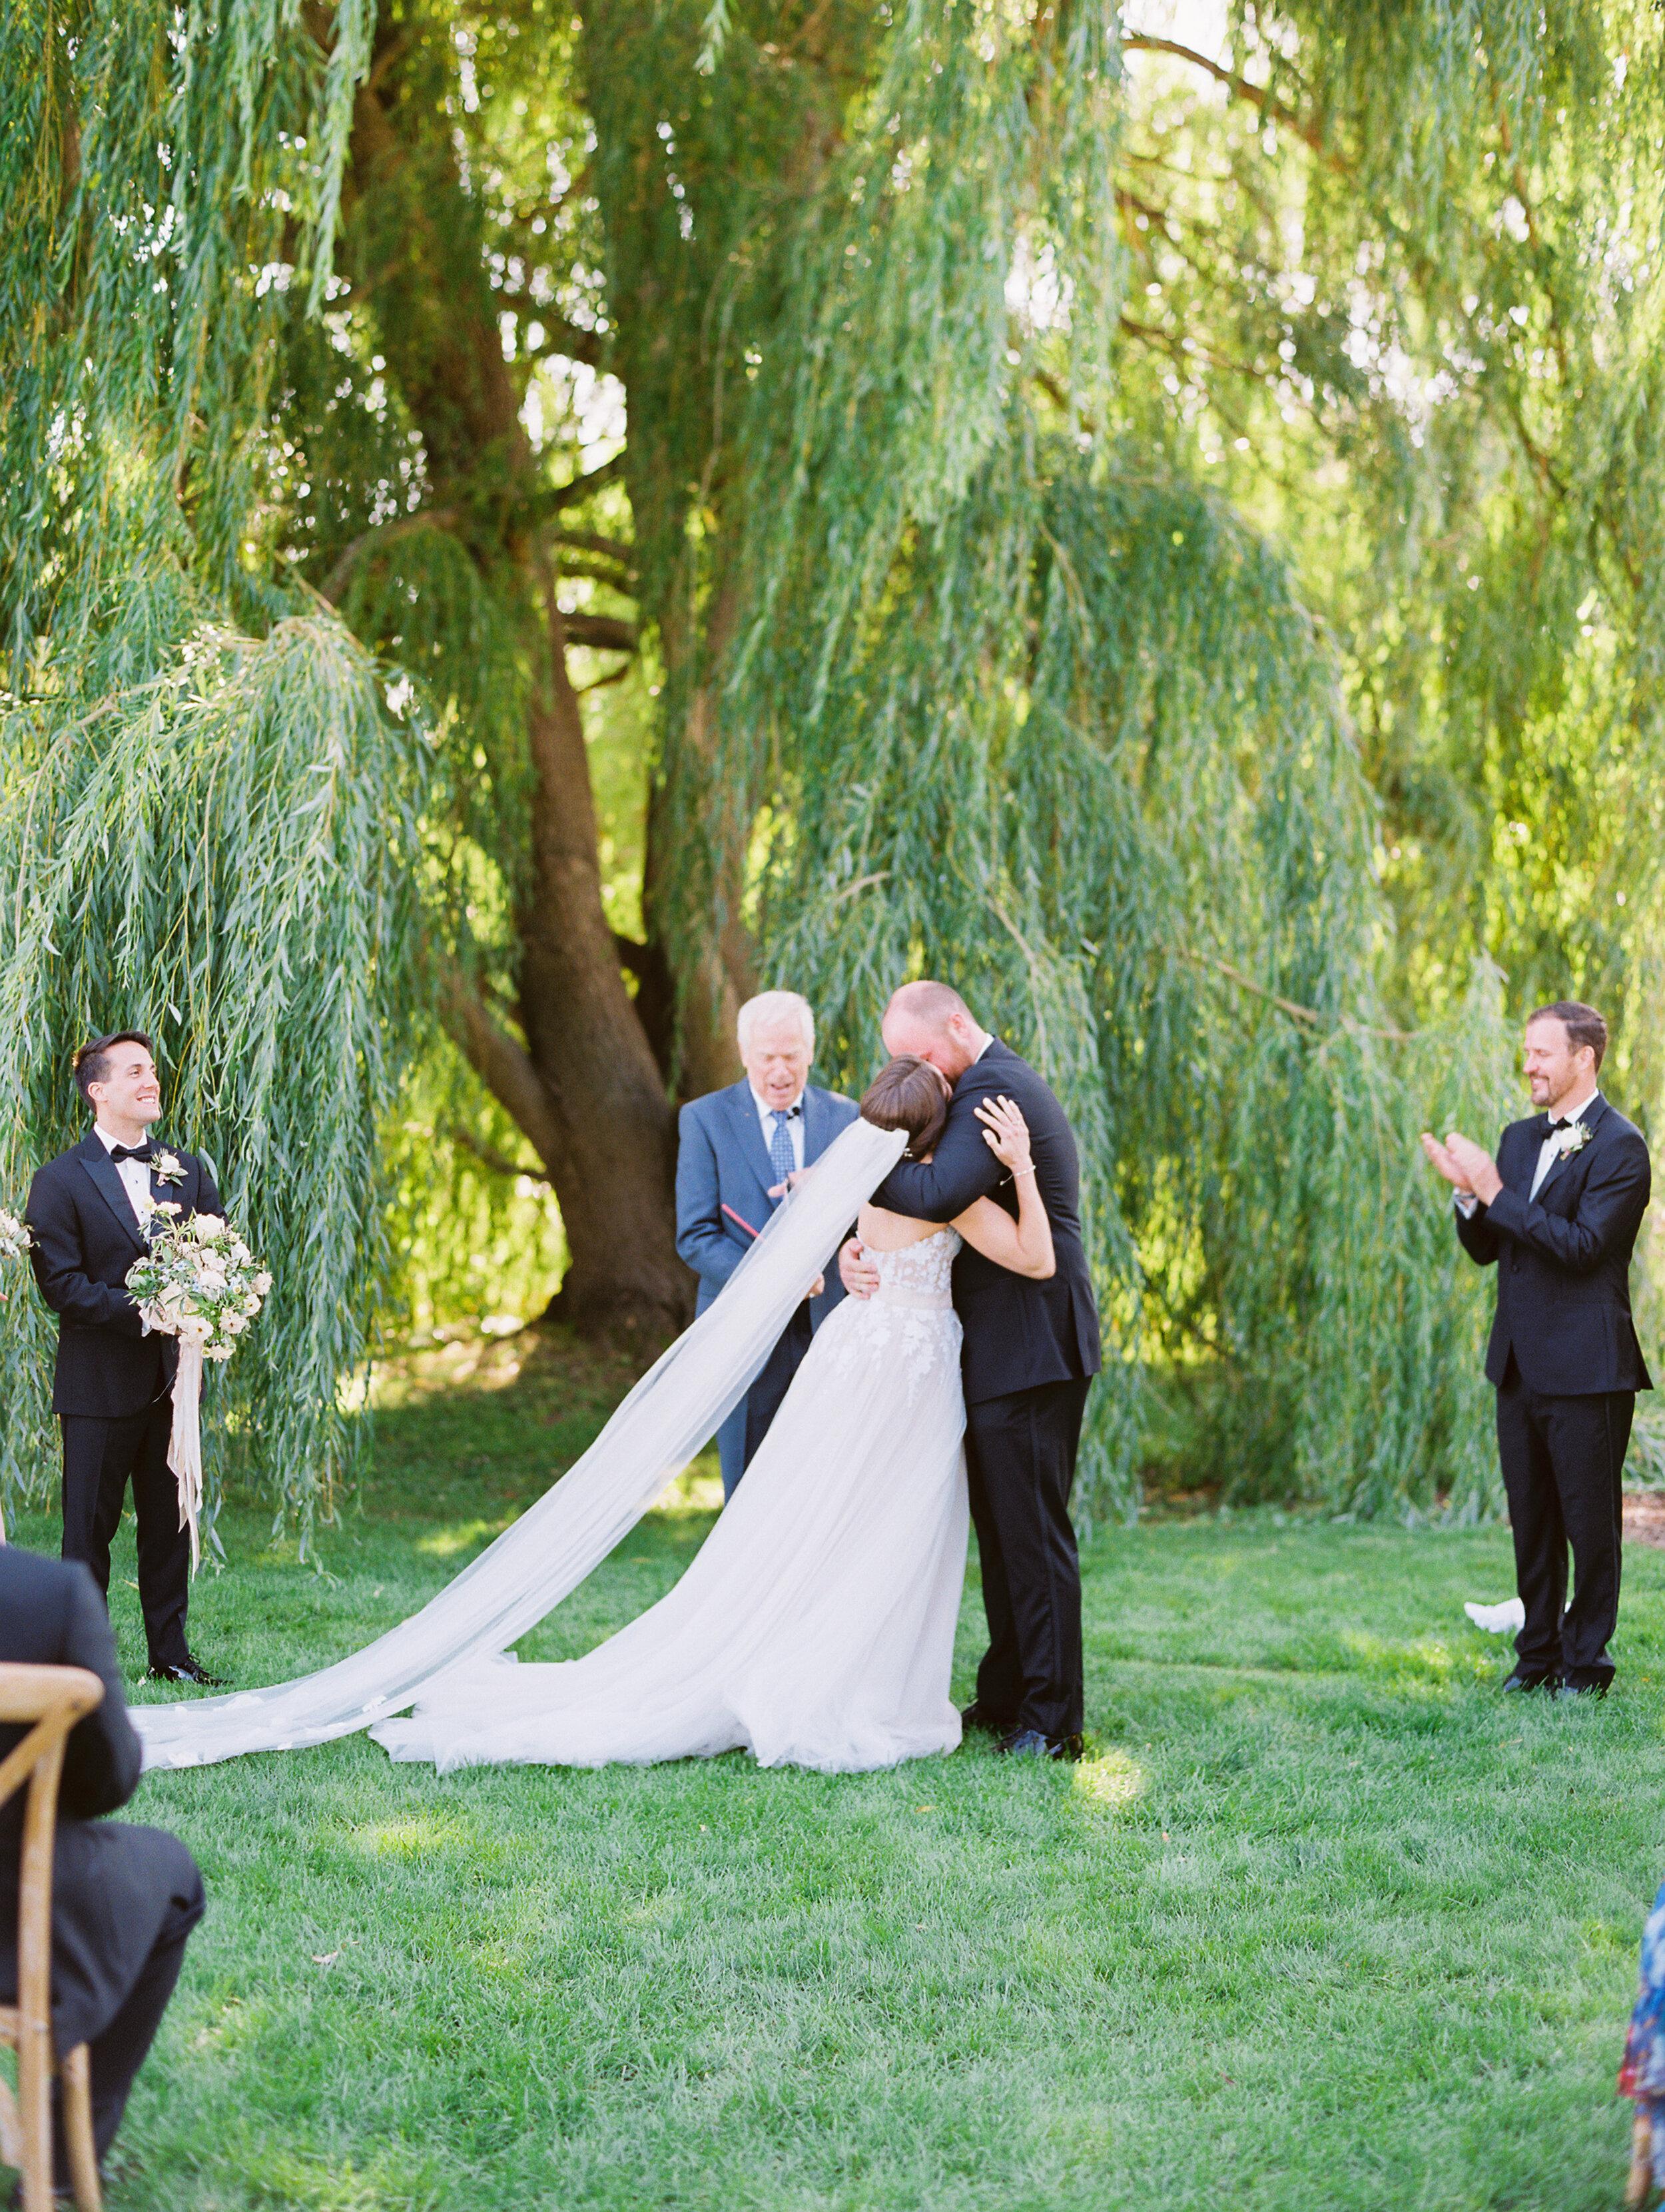 Steinlage+Wedding+Ceremony-259.jpg